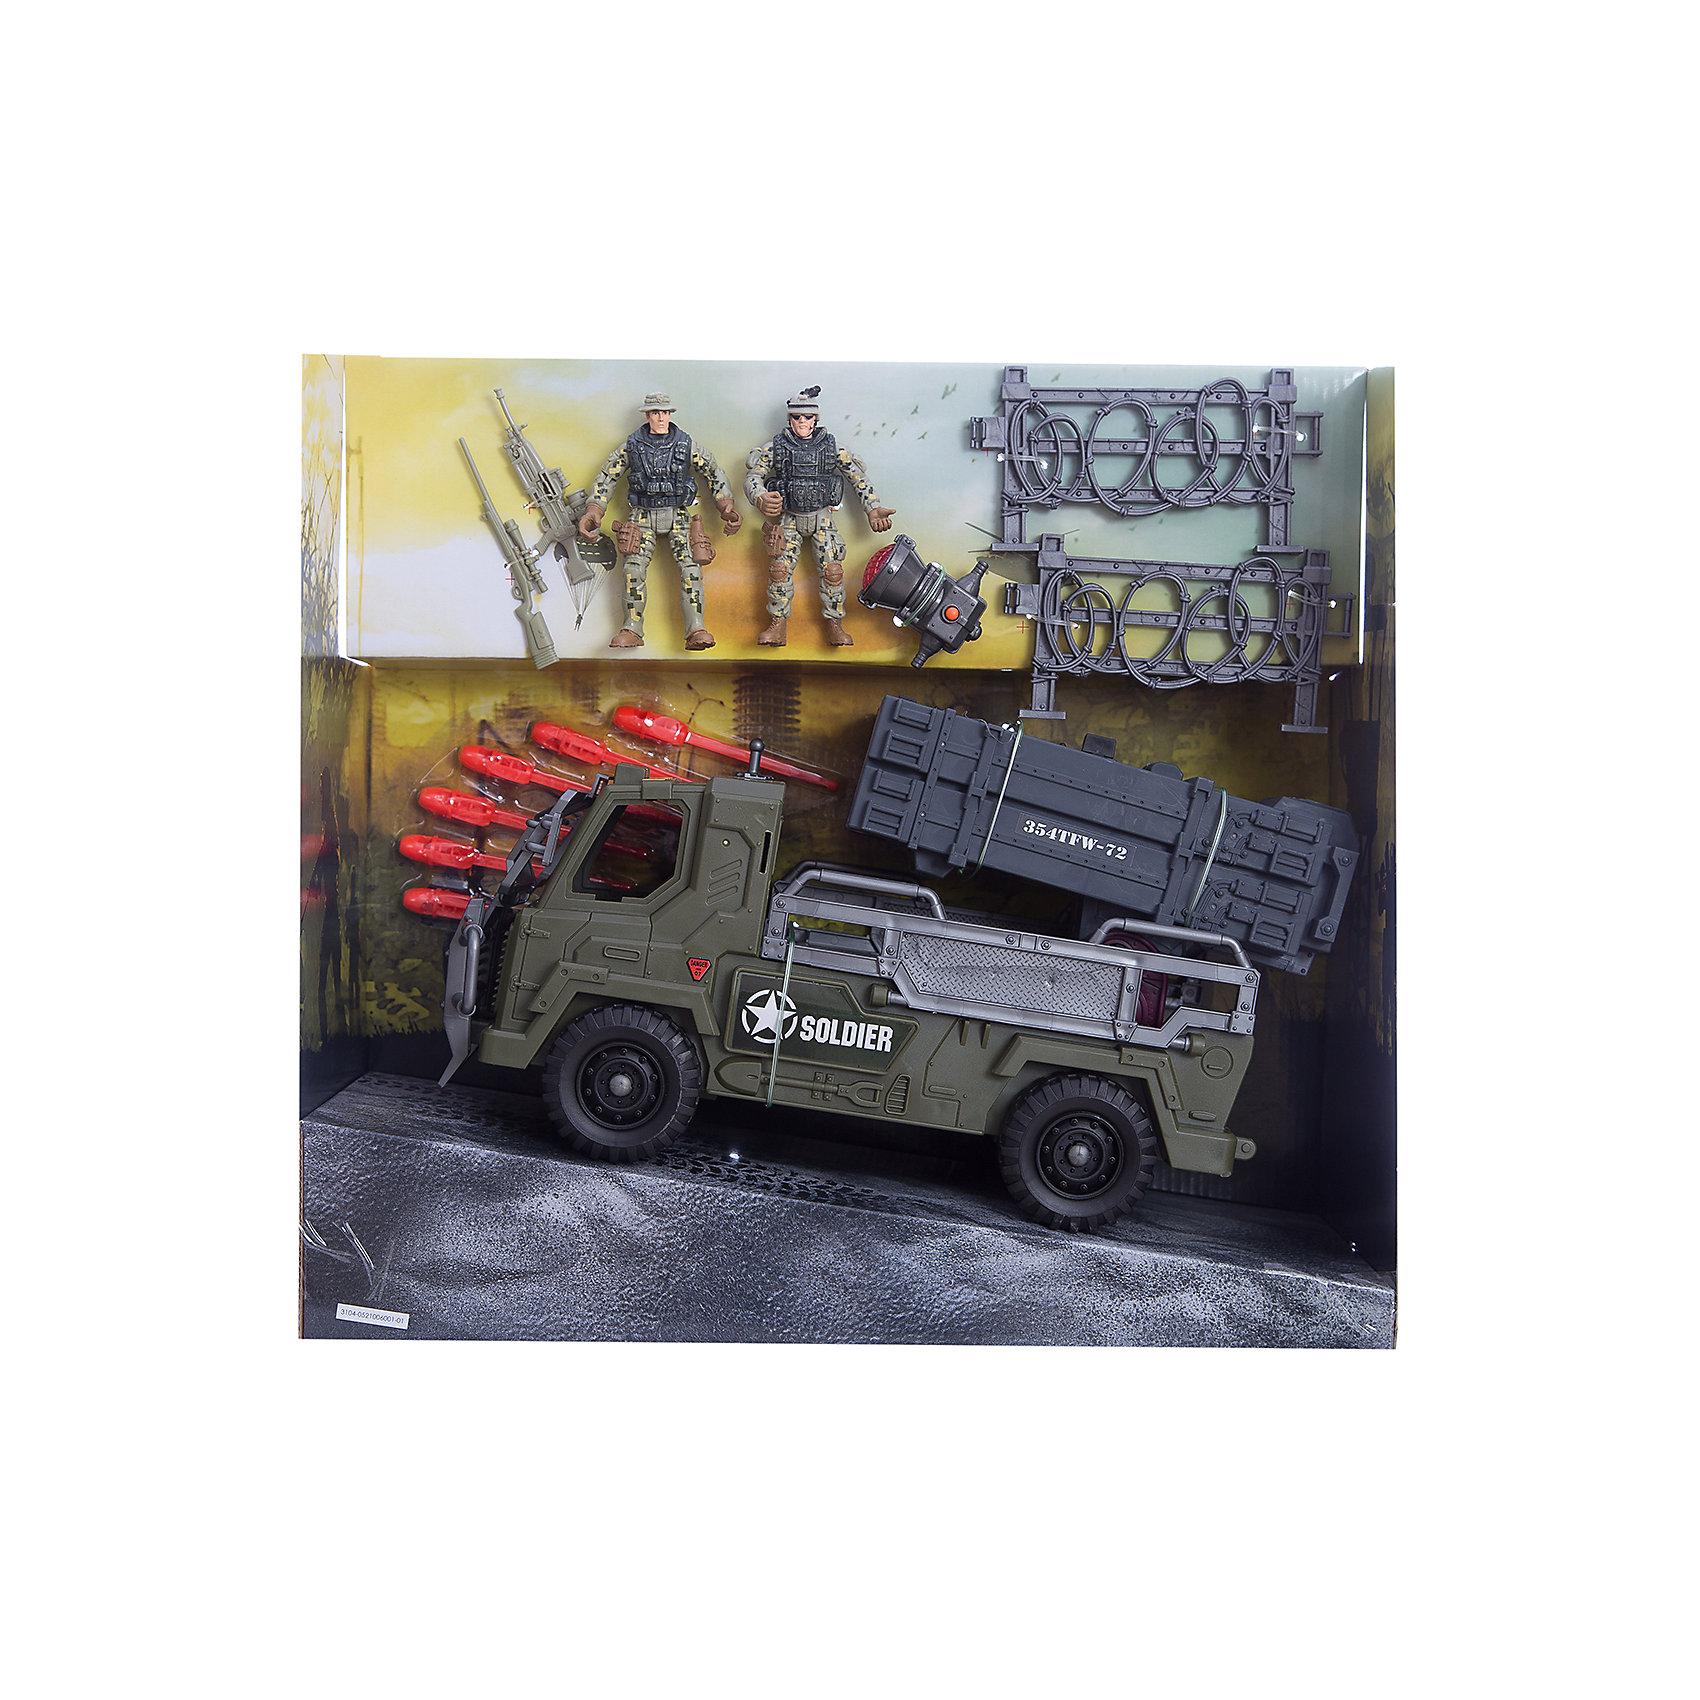 Игровой набор Бронемобиль пехоты, Chap MeiСолдатики и рыцари<br>Игровой набор Бронемобиль пехоты, Chap Mei.<br><br>Характеристики:<br><br>- цвет: разноцветный;<br>- материал: пластик, металл;<br>- комплектация: бронемобиль, 3 ракетные установки, 6 ракет, прожектор;<br>- вес: 1435 г;<br>- упаковка: коробка;<br>- работает на 2х батарейках AG10<br>(включены в набор);<br>- размер упаковки: 41x18x38 см.<br><br>Игровой набор Бронемобиль пехоты, Chap Mei поможет ребенку погрузиться в увлекательный мир боевой техники и секретных спецопераций. В наборе есть фигурки вооруженных солдат, заборы из колючей проволоки и бронемобиль, оснащенный ракетной установкой, которая вращается и стреляет ракетами. На крыше кабины боевой машины установлен прожектор со световыми эффектами. Все элементы набора изготовлены из качественного пластика и тщательно детализированы. Игровой набор способствует развитию у ребенка воображения, внимания и мелкой моторики.<br><br>Игровой набор Бронемобиль пехоты, Chap Mei можно купить в нашем интернет-магазине.<br><br>Ширина мм: 41<br>Глубина мм: 17<br>Высота мм: 38<br>Вес г: 1435<br>Возраст от месяцев: 36<br>Возраст до месяцев: 2147483647<br>Пол: Мужской<br>Возраст: Детский<br>SKU: 5055437